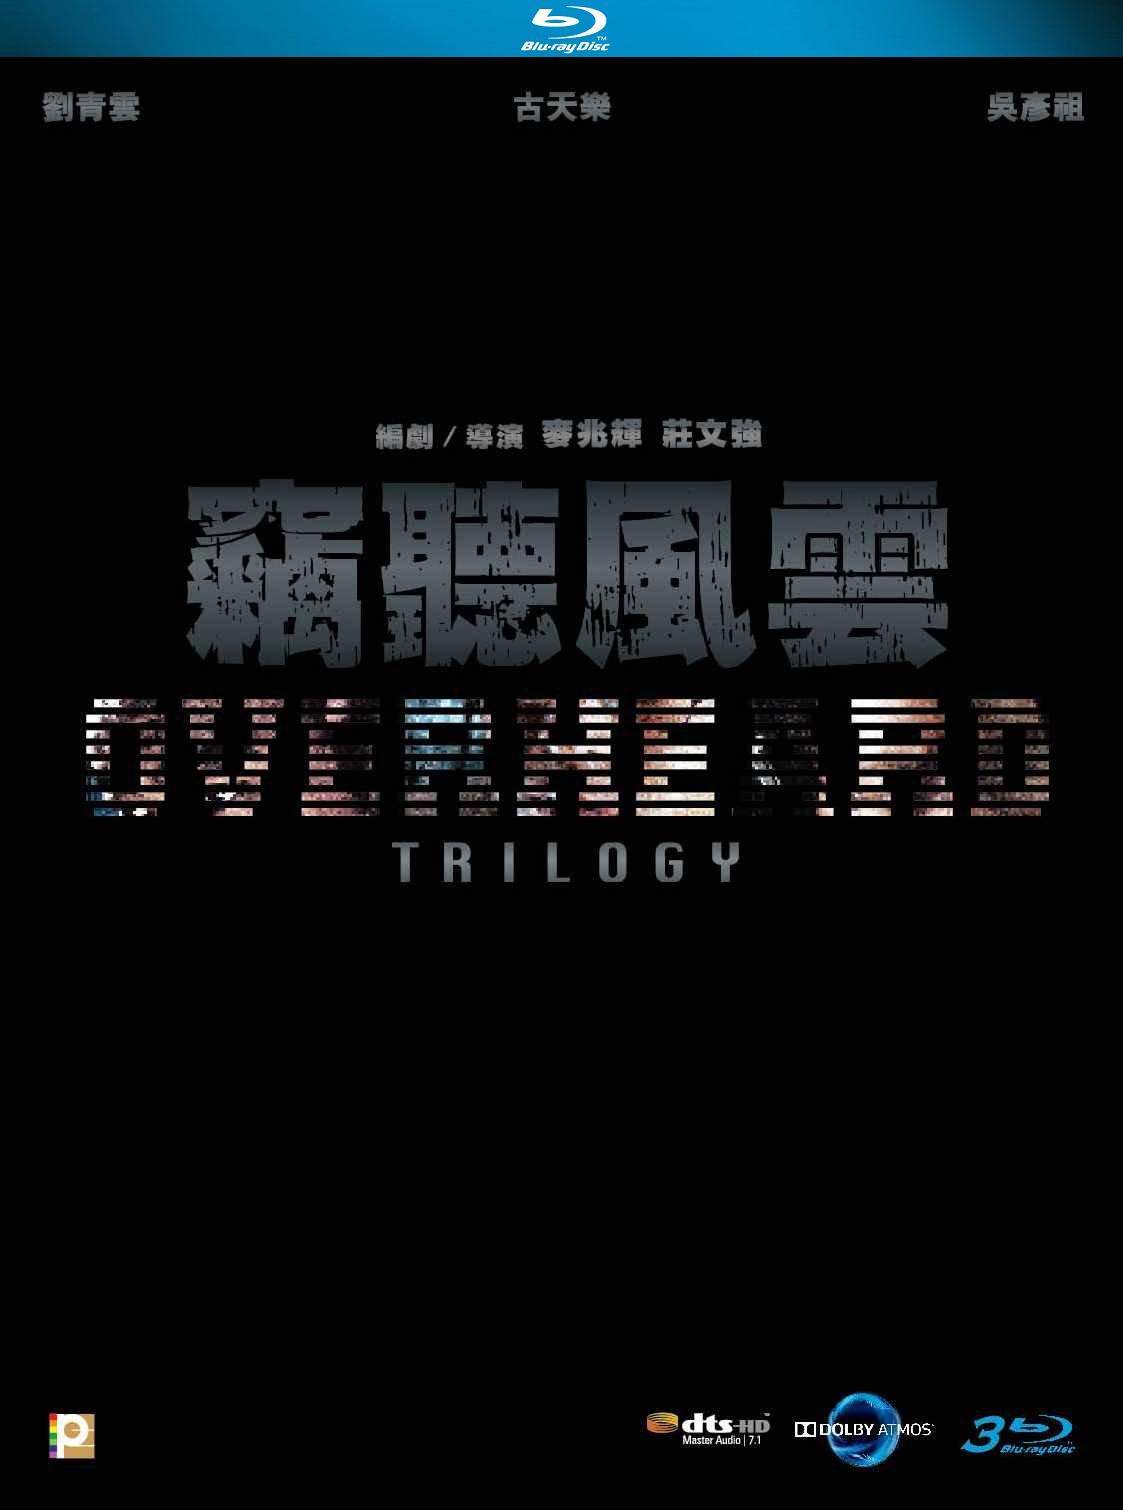 竊聽風雲三部合集 國粵雙語 原盤繁簡英SUP字幕 Overheard Trilogy 2009-2014 BluRay 1080p 2Audio DTS-HD MA 7 1 x265.10bit-BeiTai